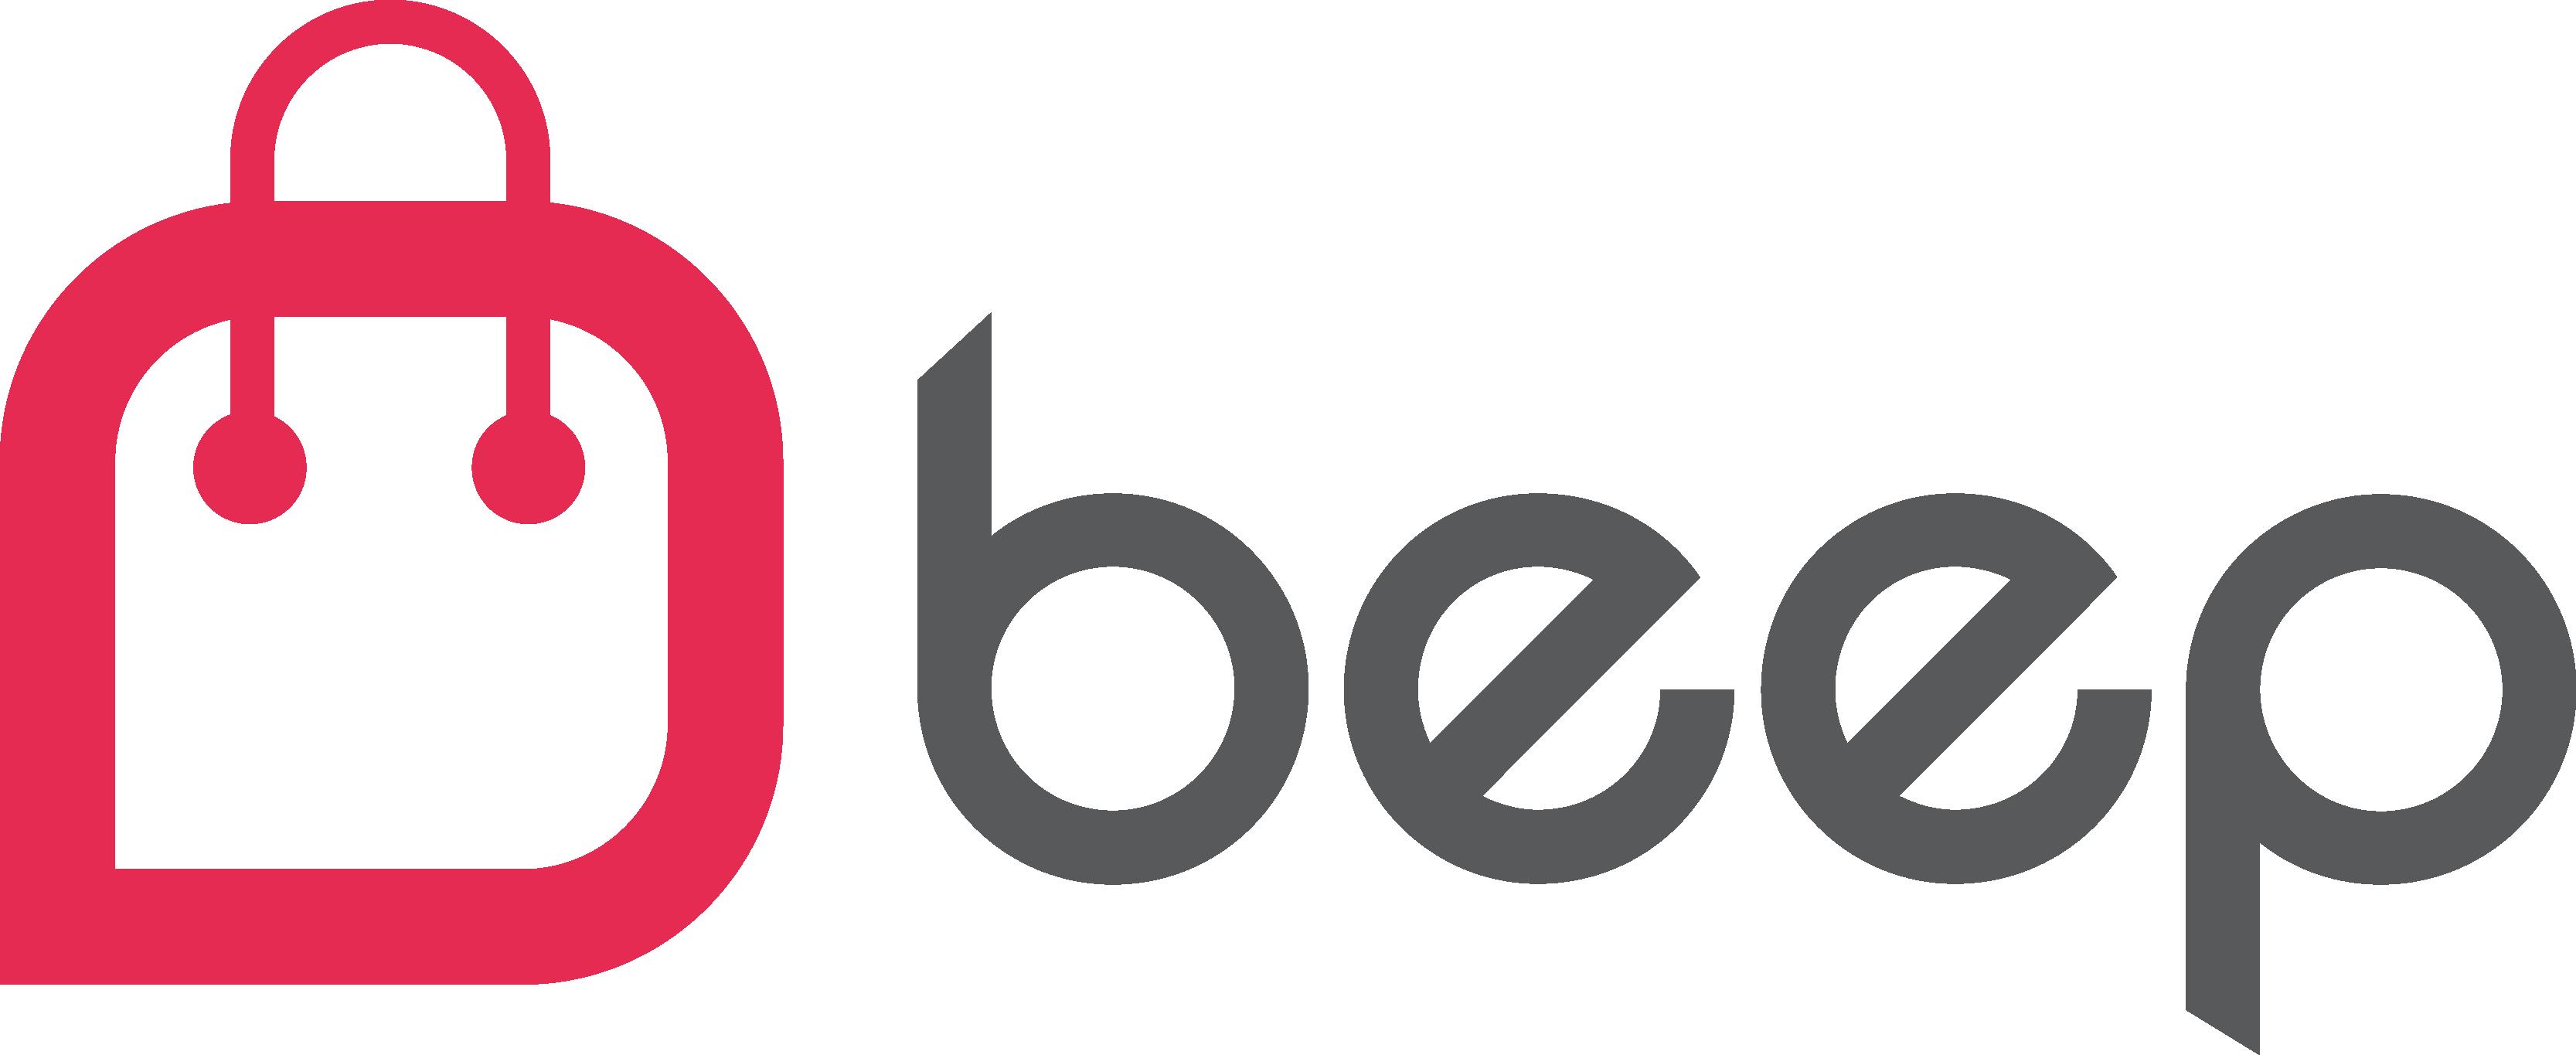 eCommerce Logo Wanted